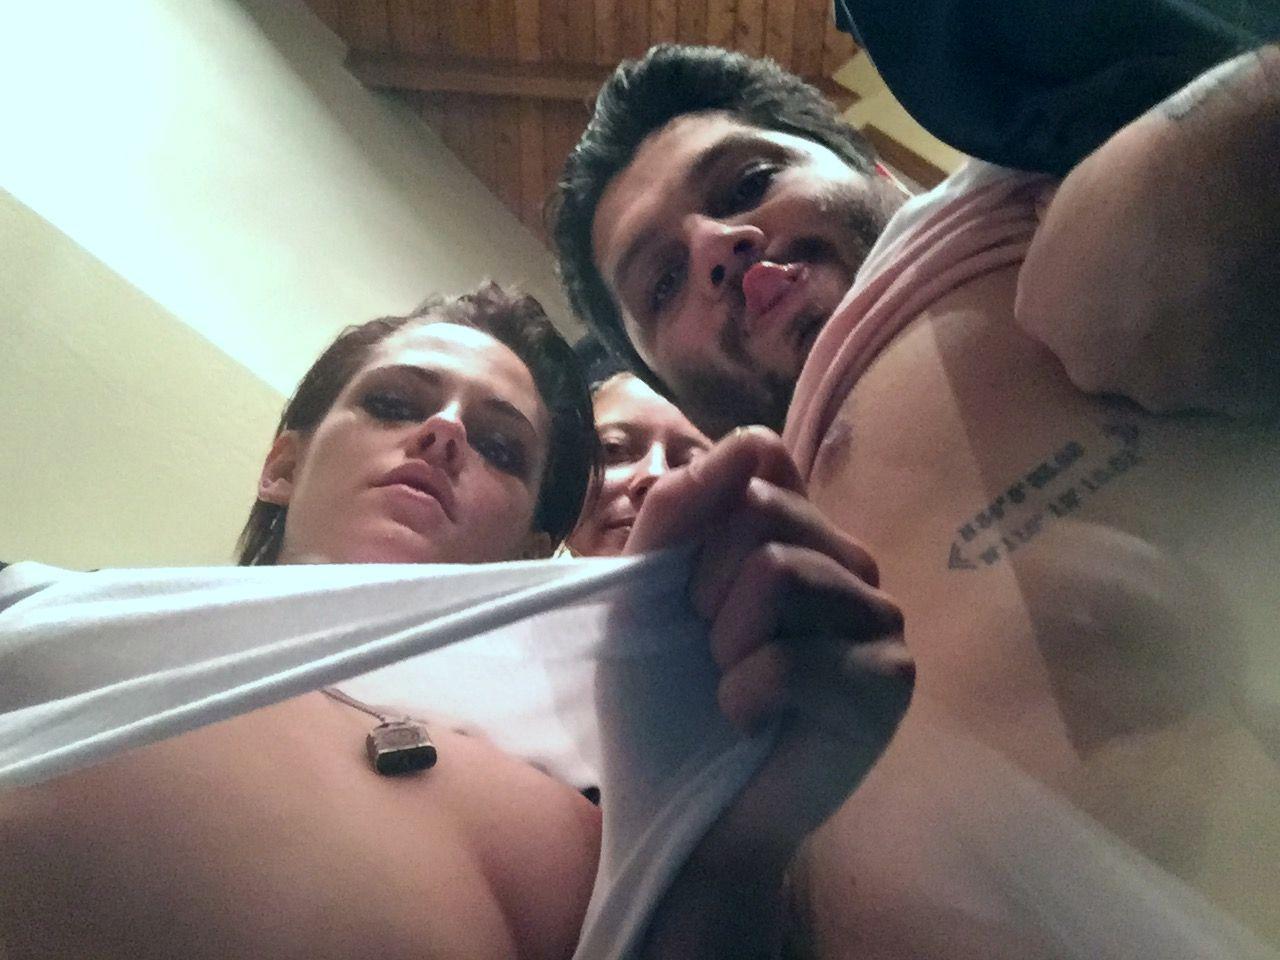 Порно русские жены украденное видео выложенное вчера в сеть